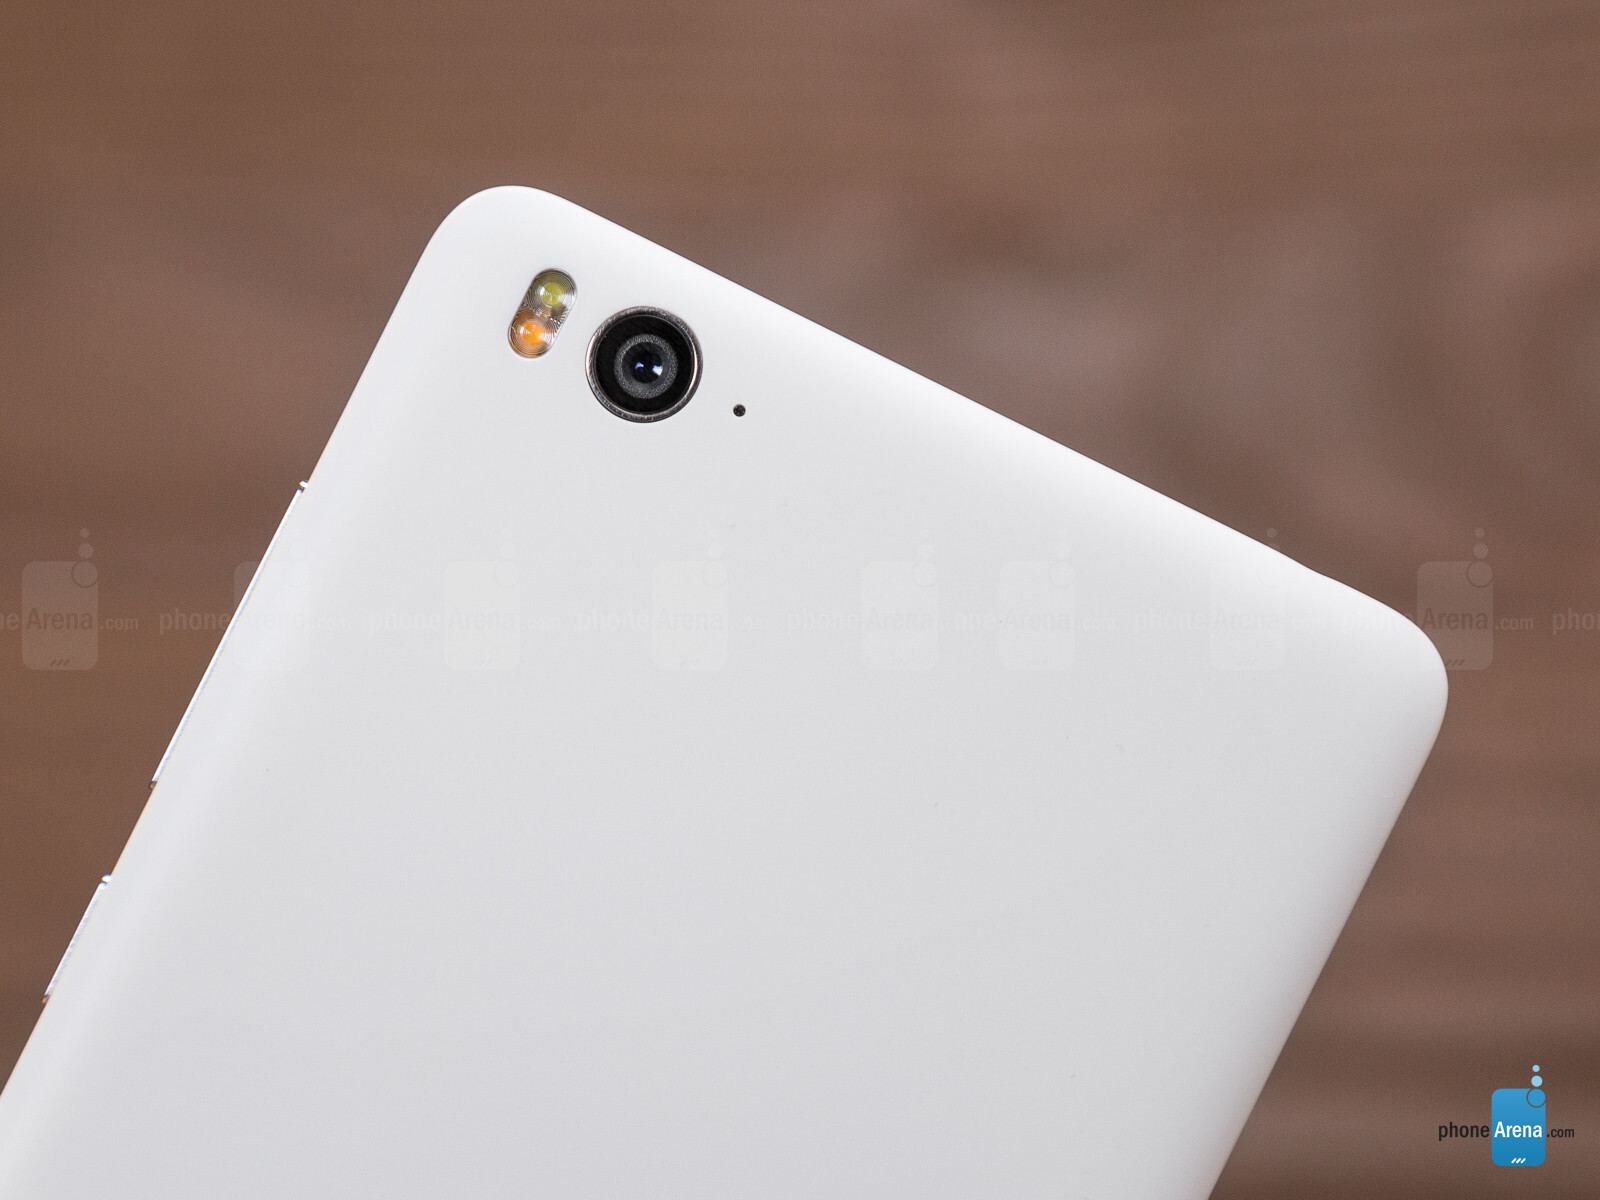 Xiaomi Mi 4c Photos 3gb 32gb White